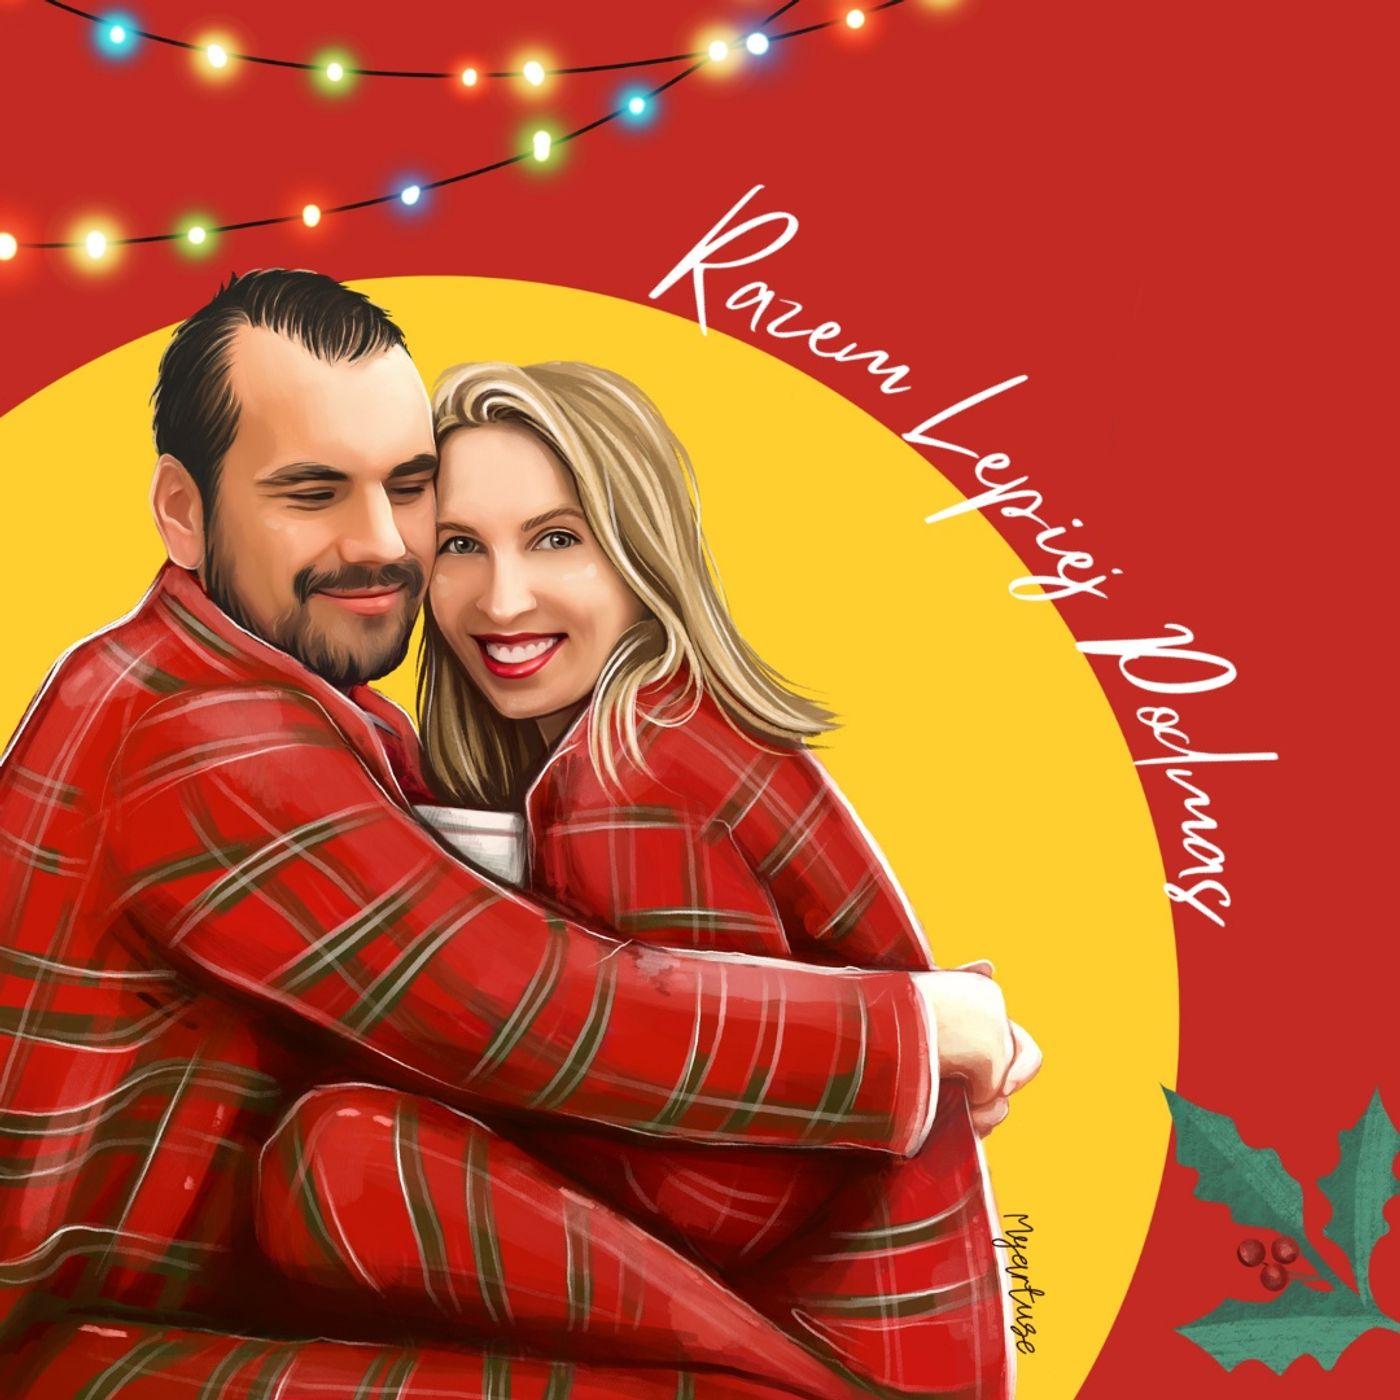 PODMAS #28 Świąteczne tradycje